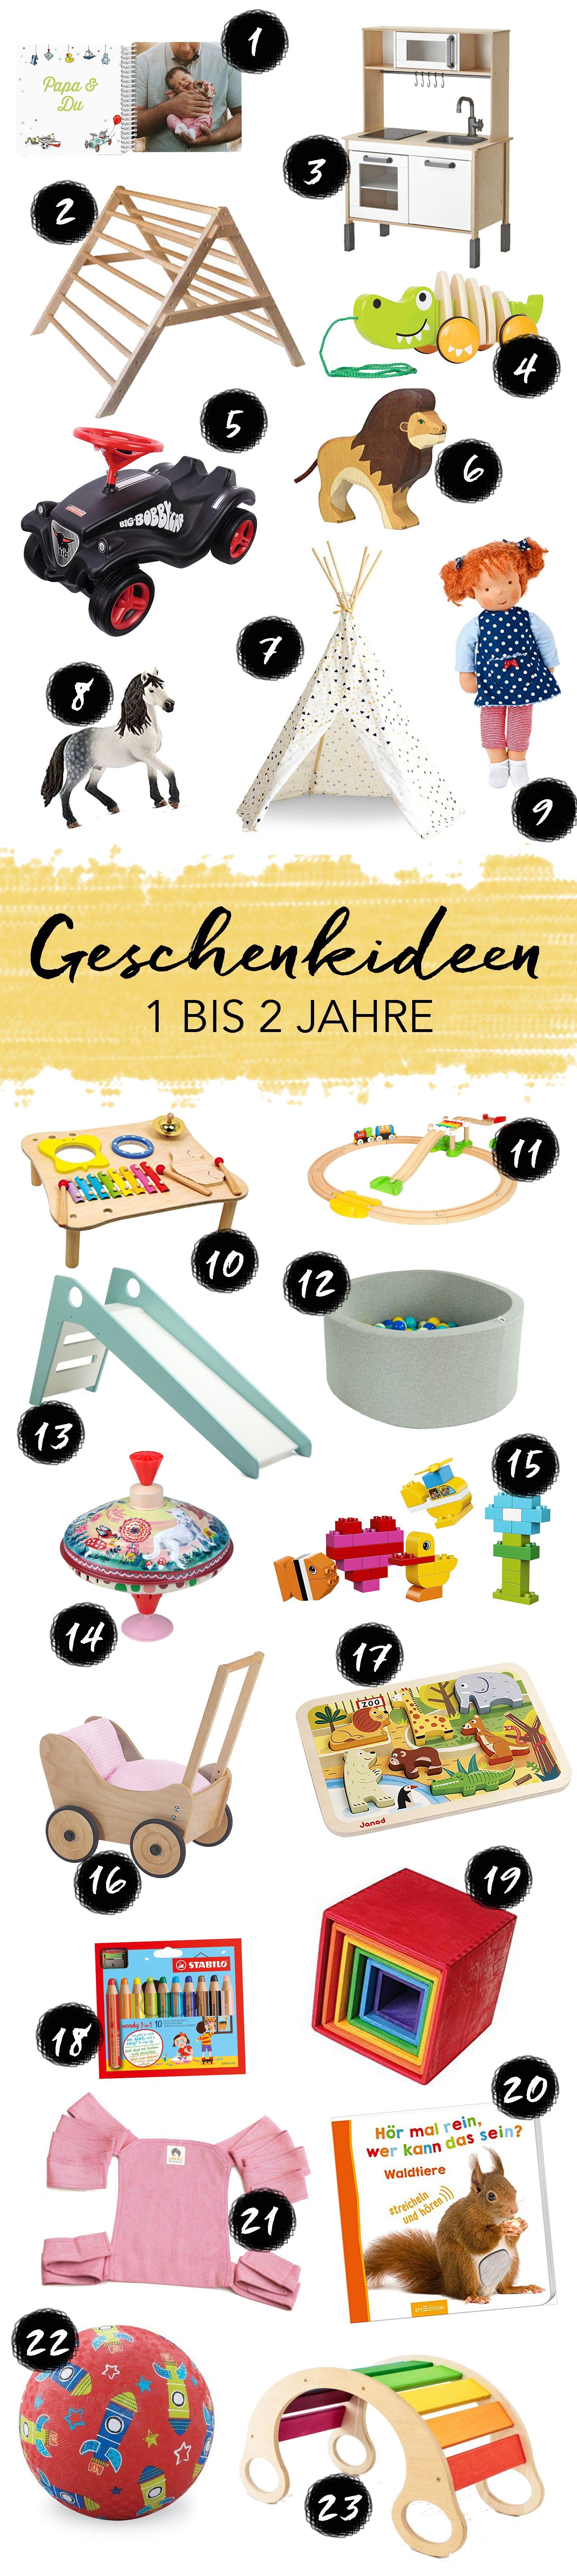 Geschenkideen für Kinder im Alter von 1 bis 2 Jahren | Elternblogs ...